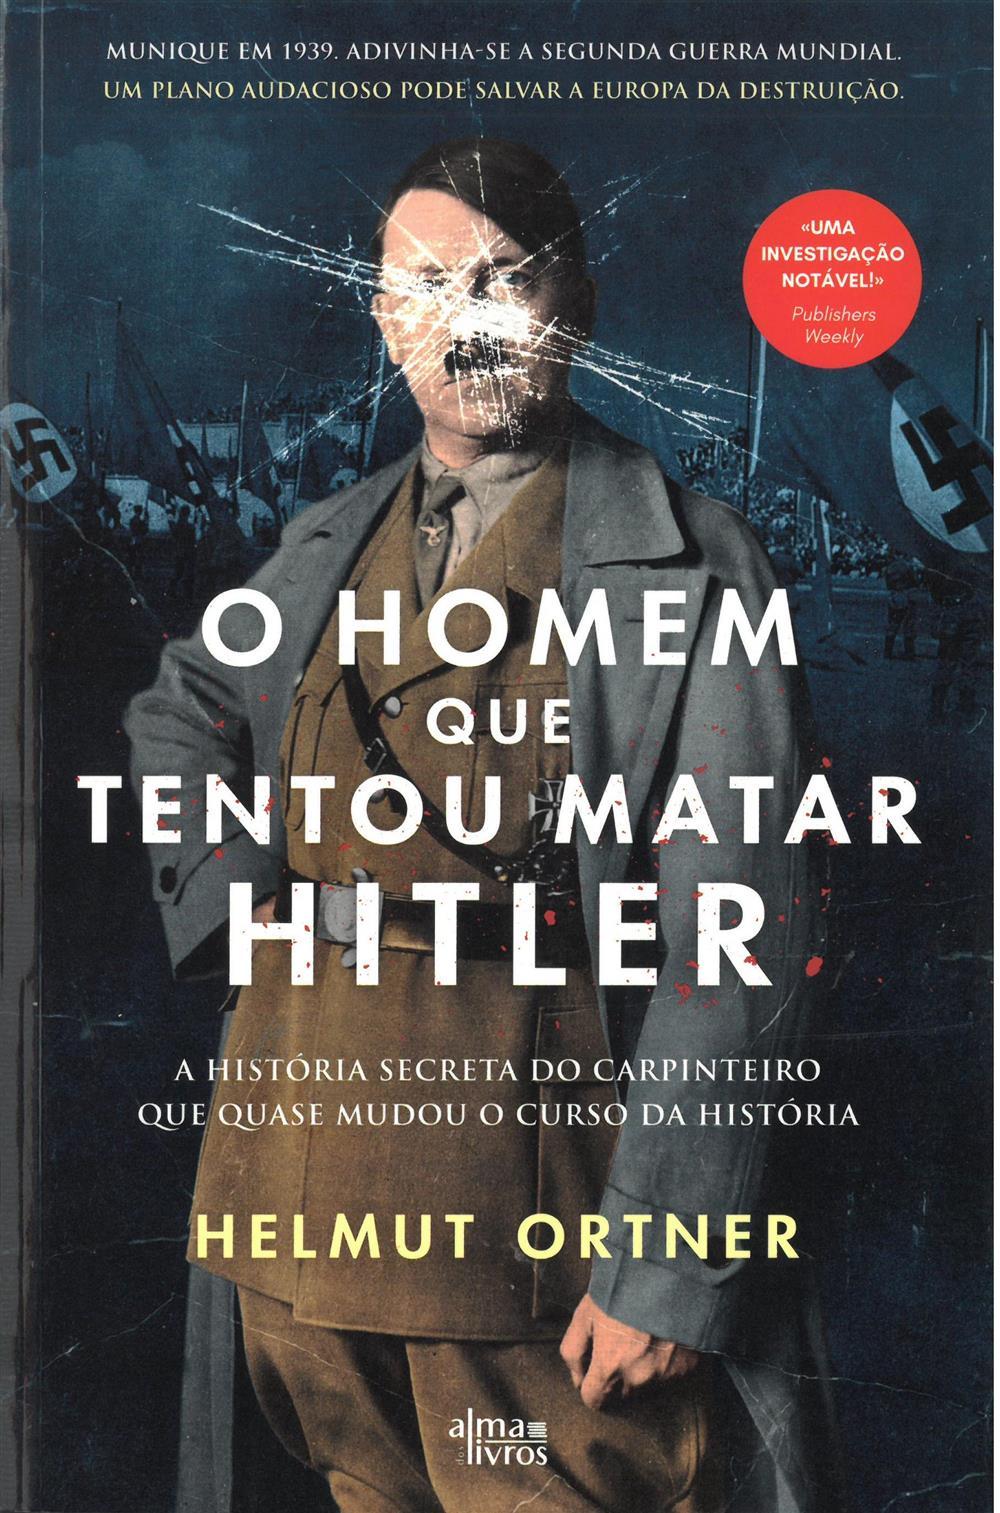 O homem que tentou matar Hitler.jpg